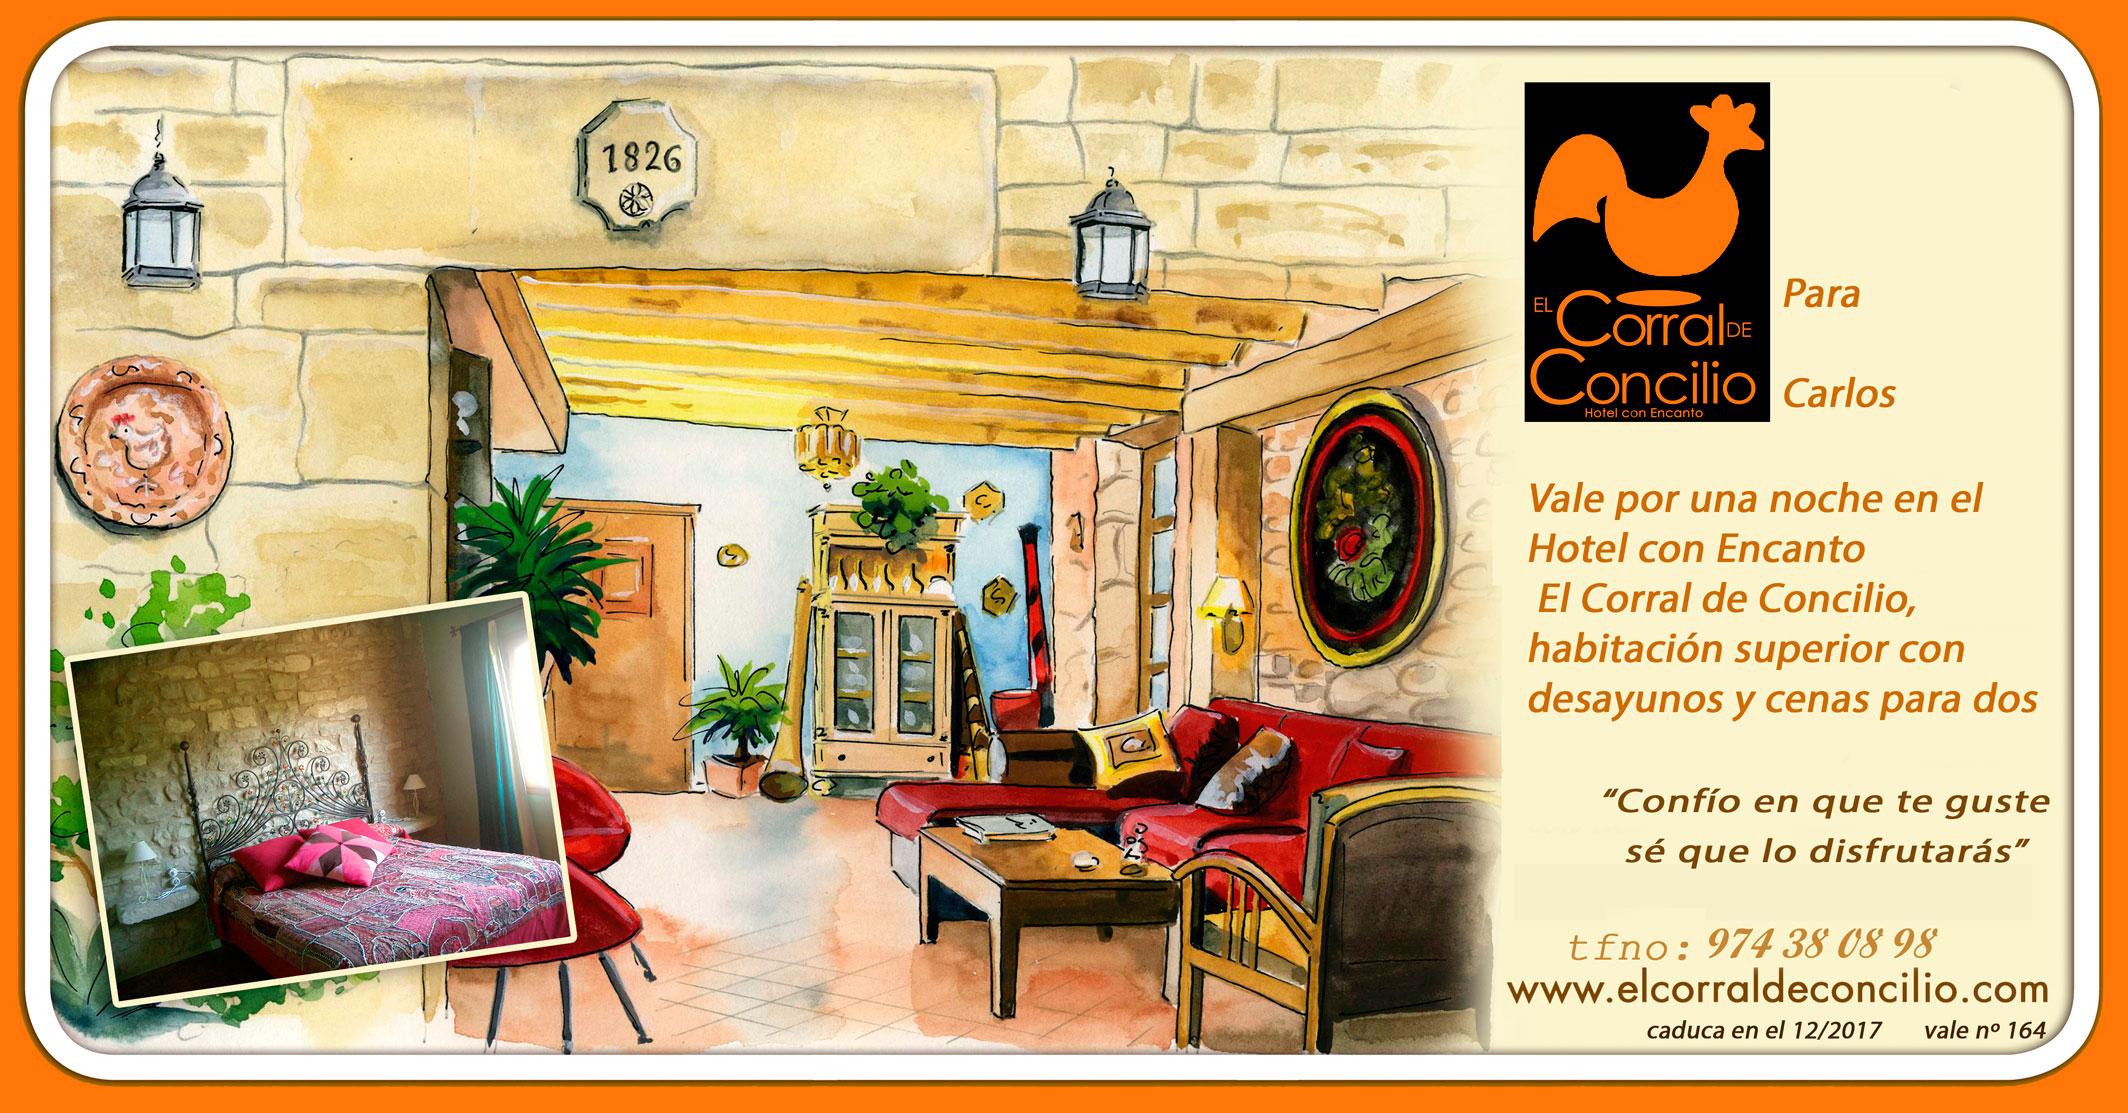 El Corral De Concilio A Charming Hotel